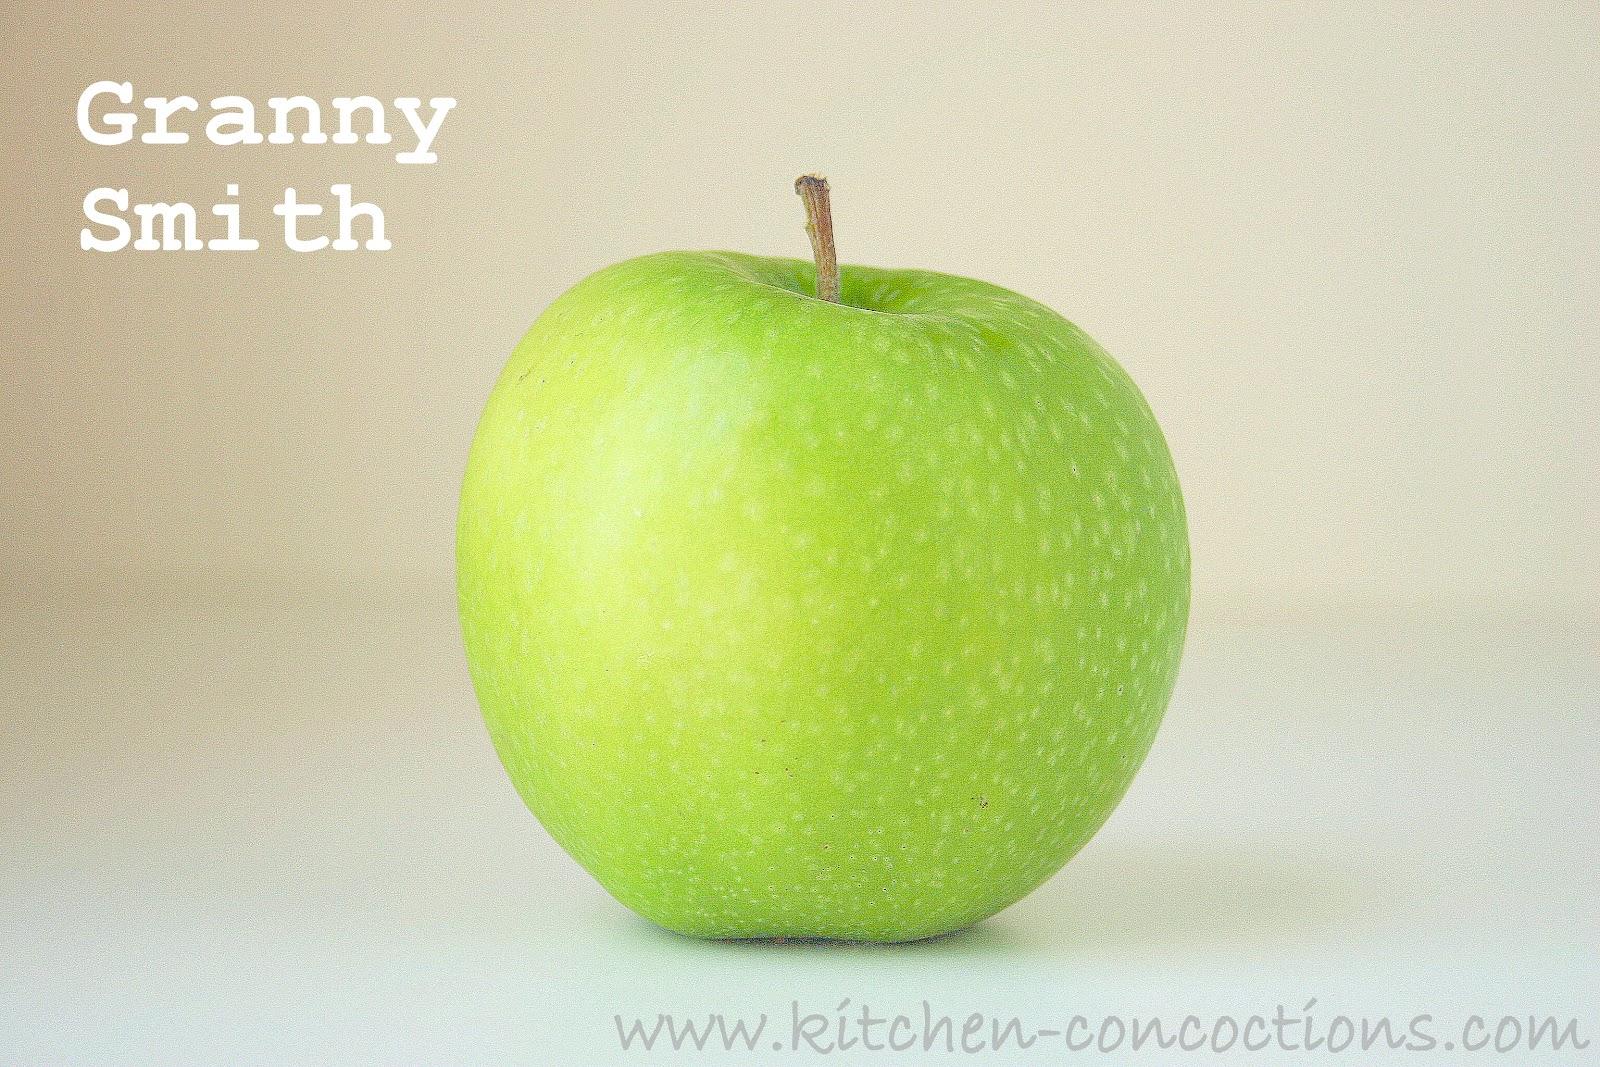 granny smith apple recipes